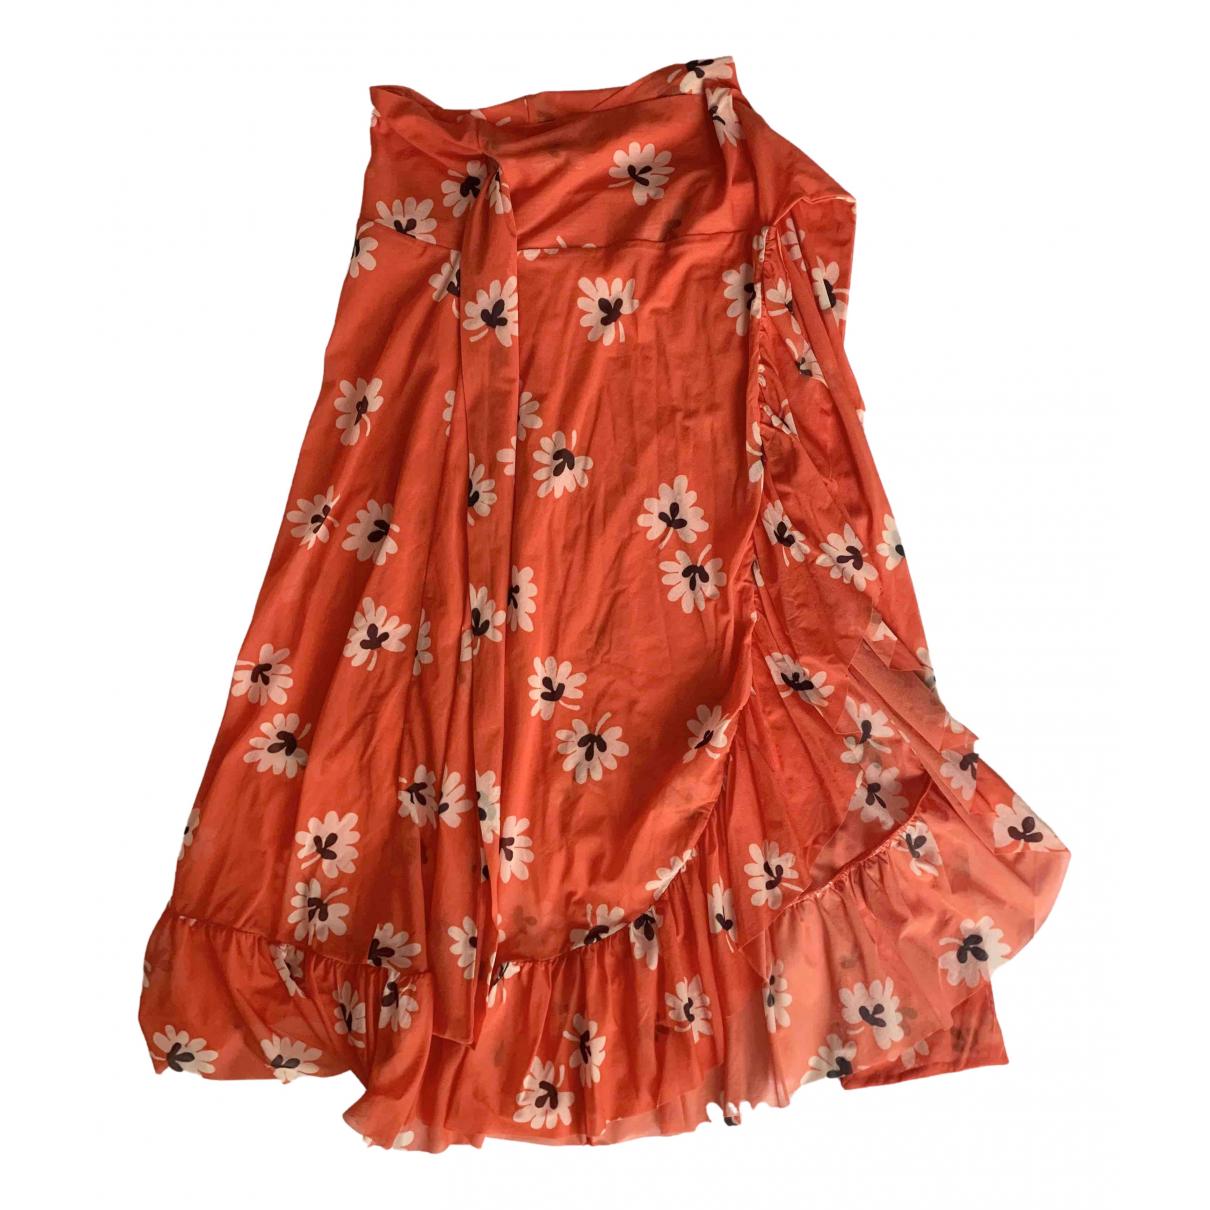 Ganni \N Orange skirt for Women XS International